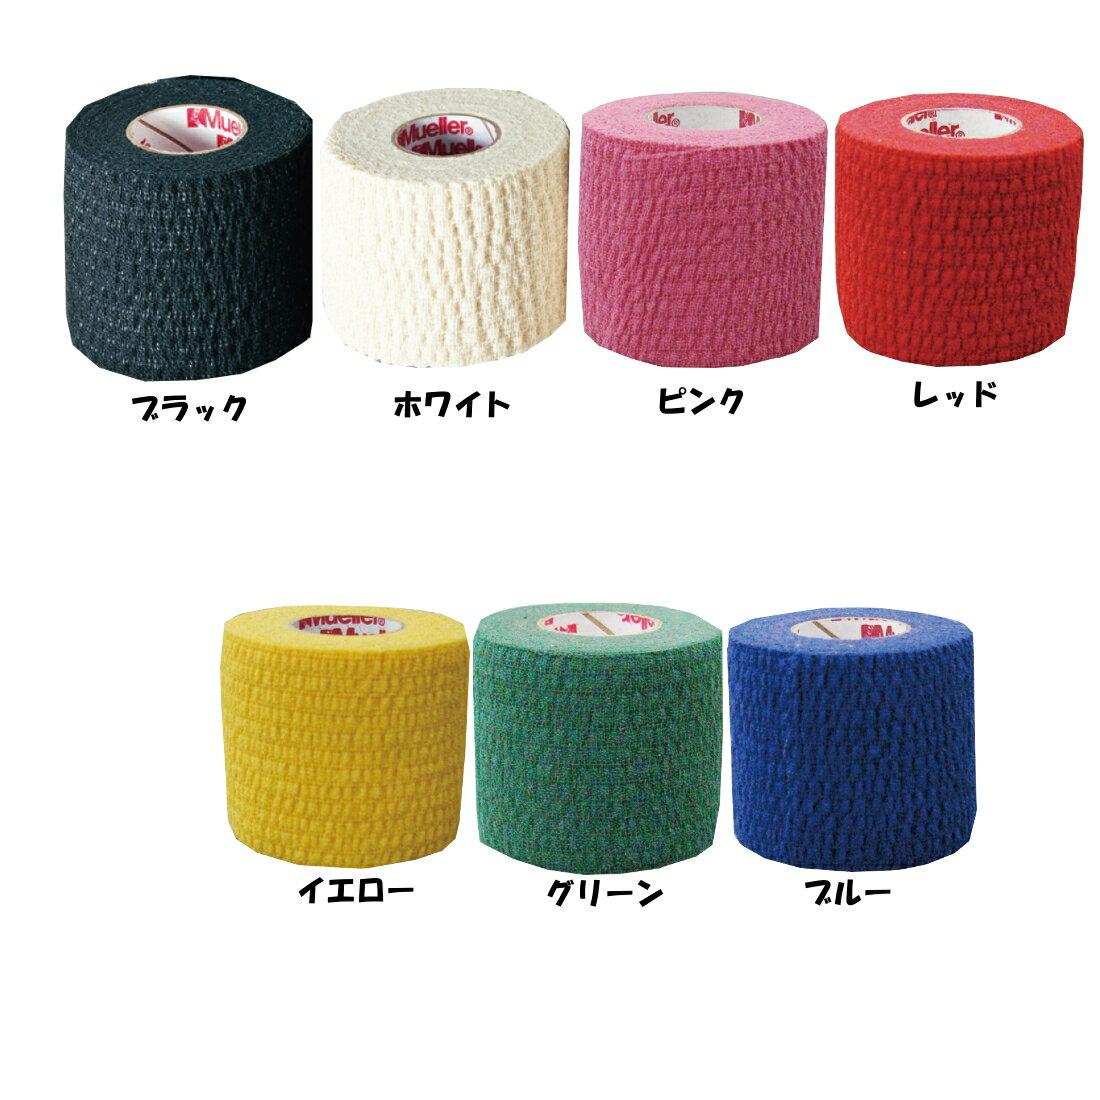 【ミューラー】◆新色追加◆◆フィンガー用最強テープ!◆ティアライトテープ【6巻セット】